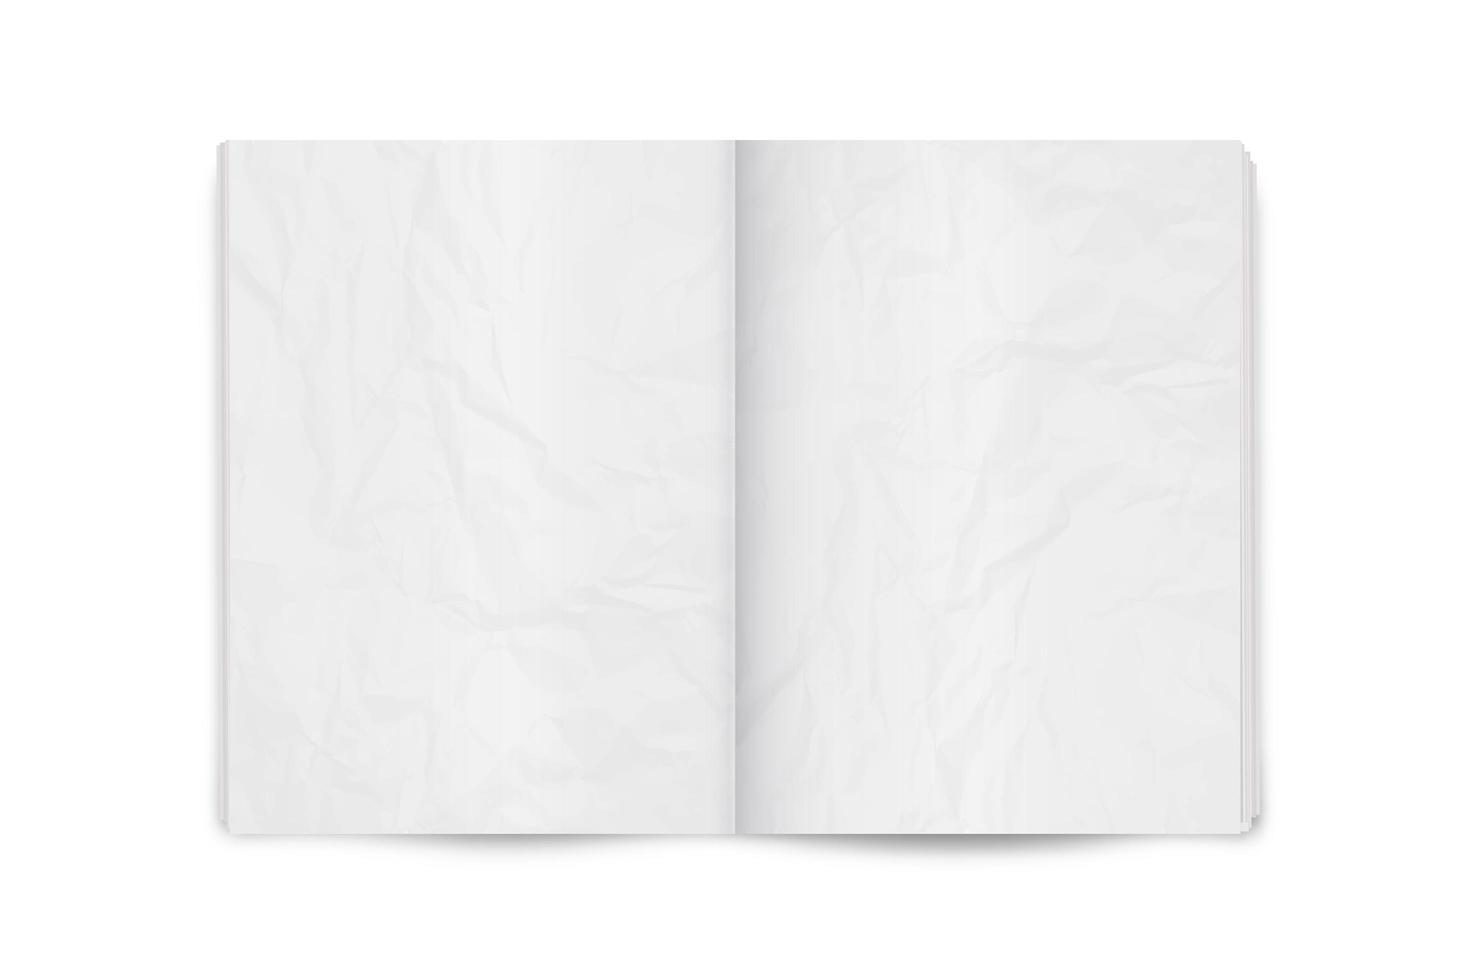 realistische vectorillustratie van de pagina verspreid tijdschrift of krant lay-out. vector